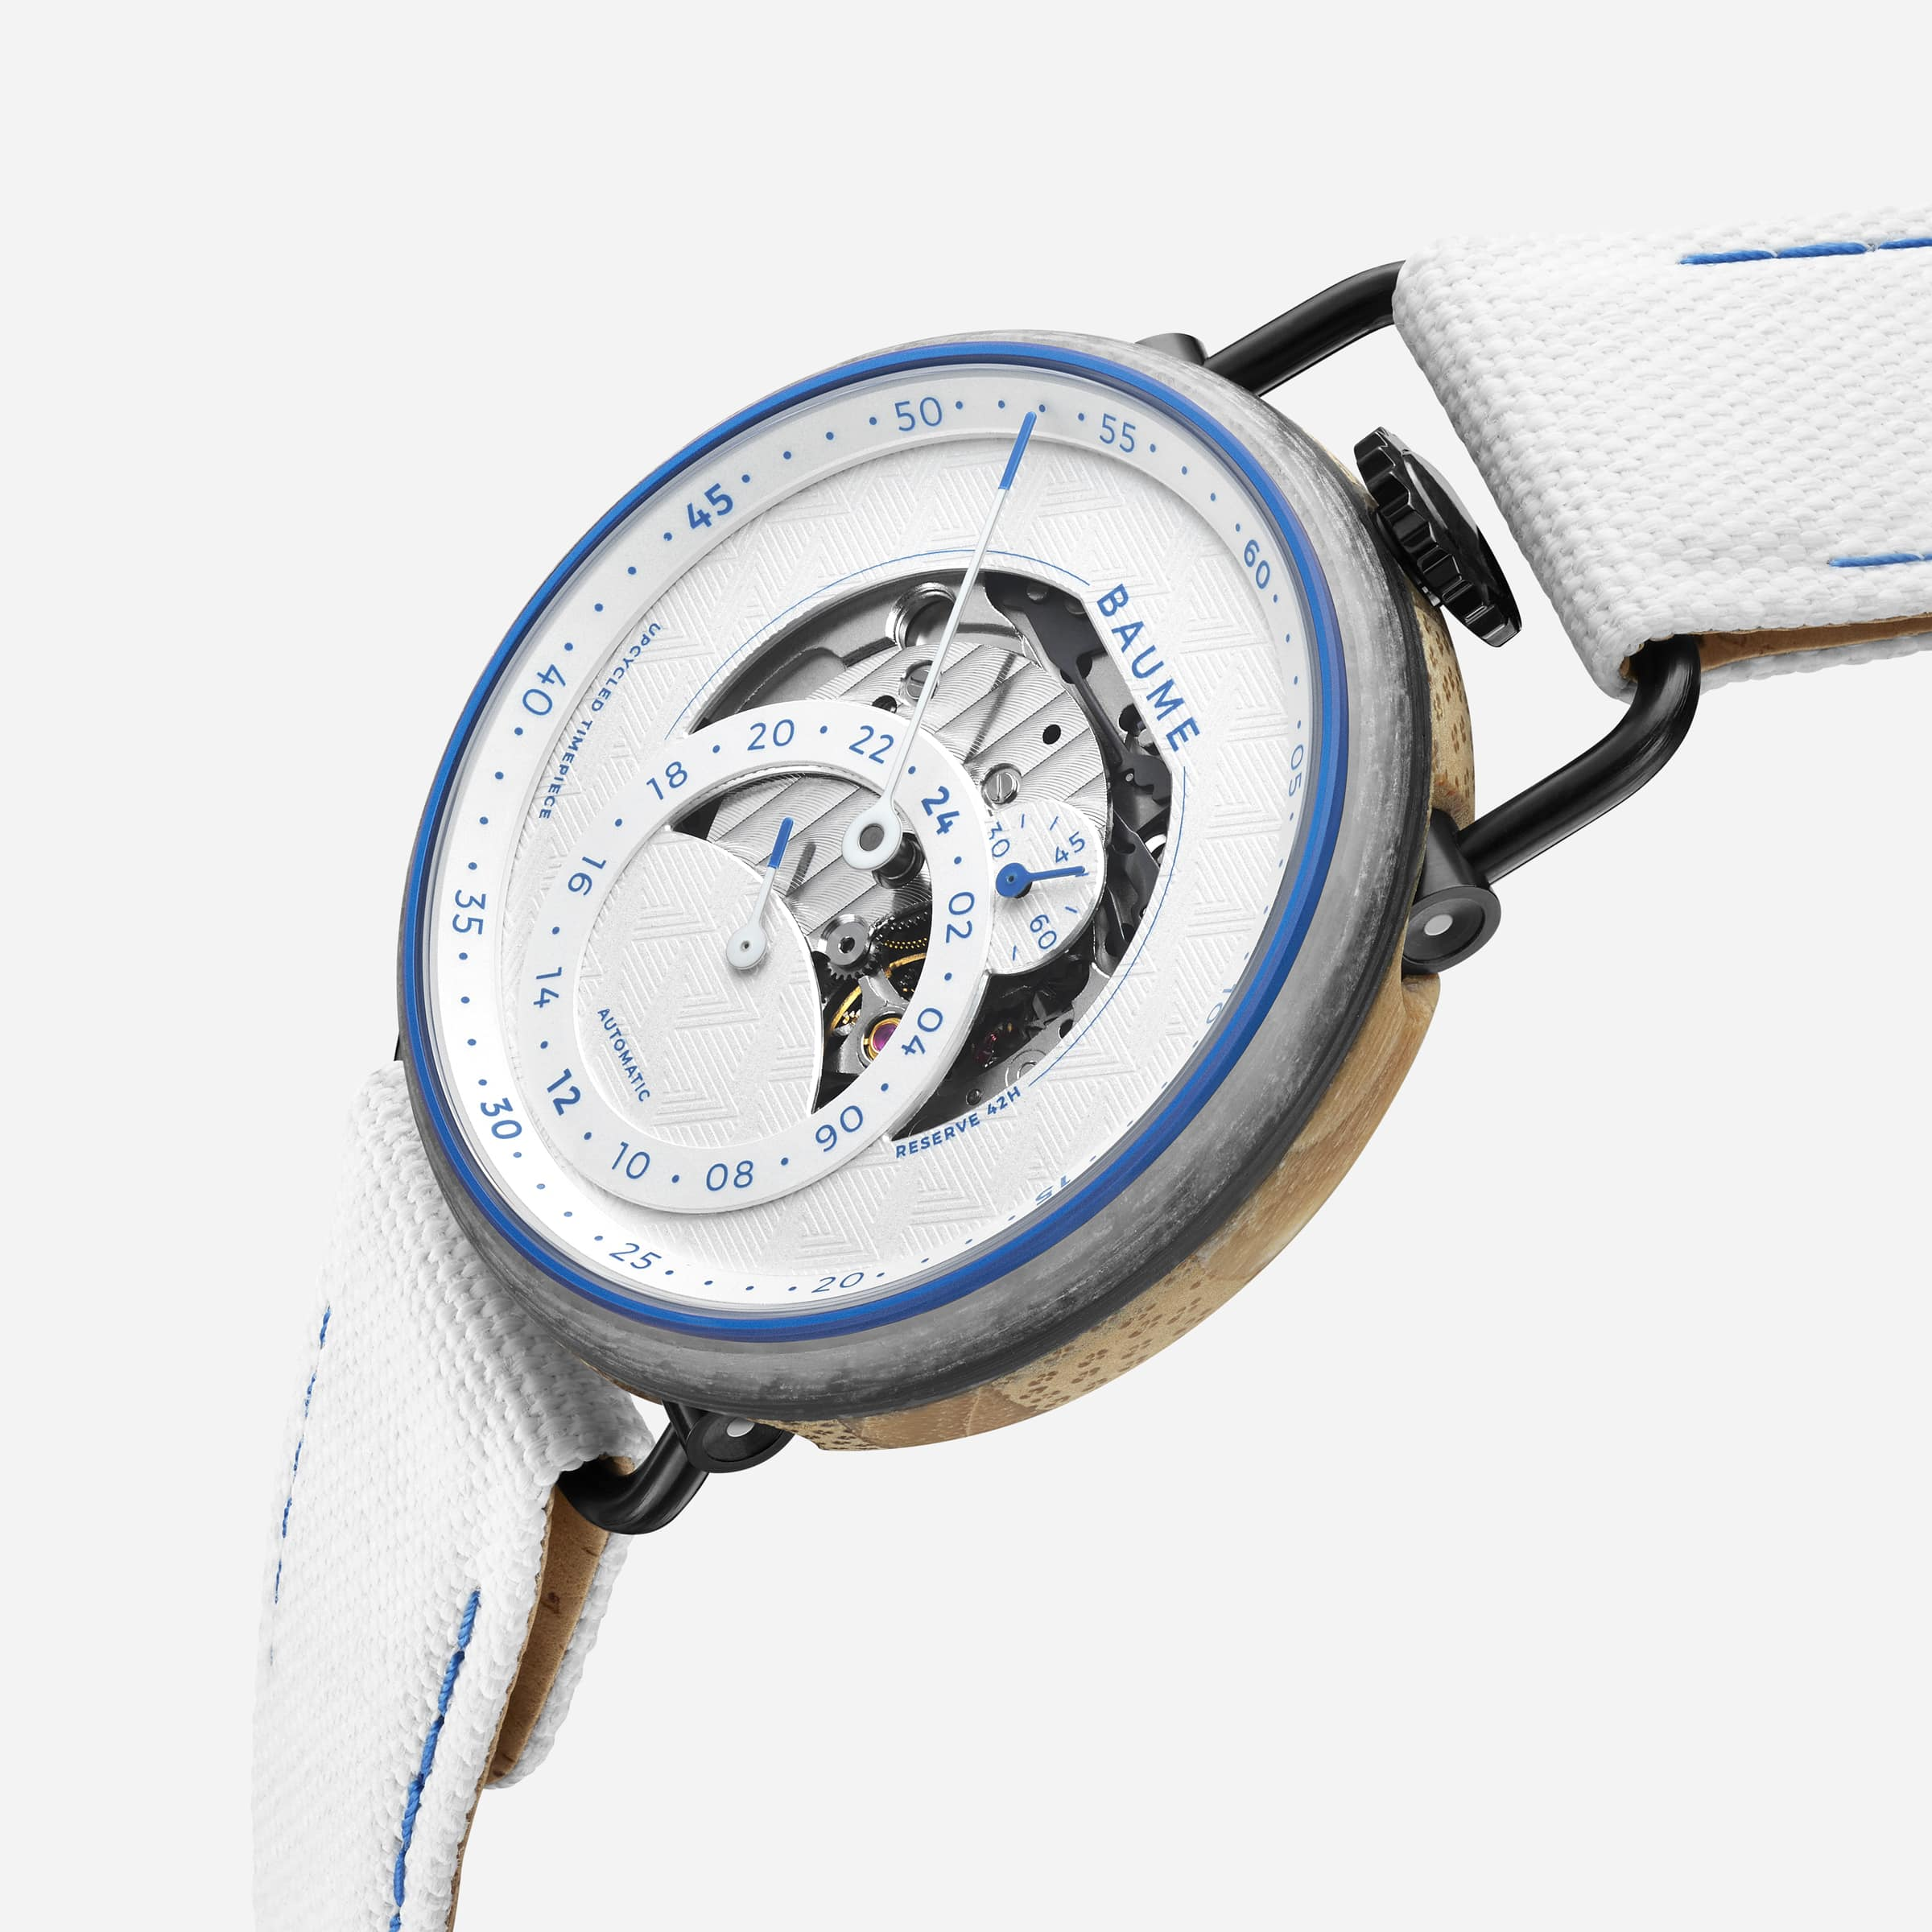 La montre Baume x Zag limited edition, modèle blanc.